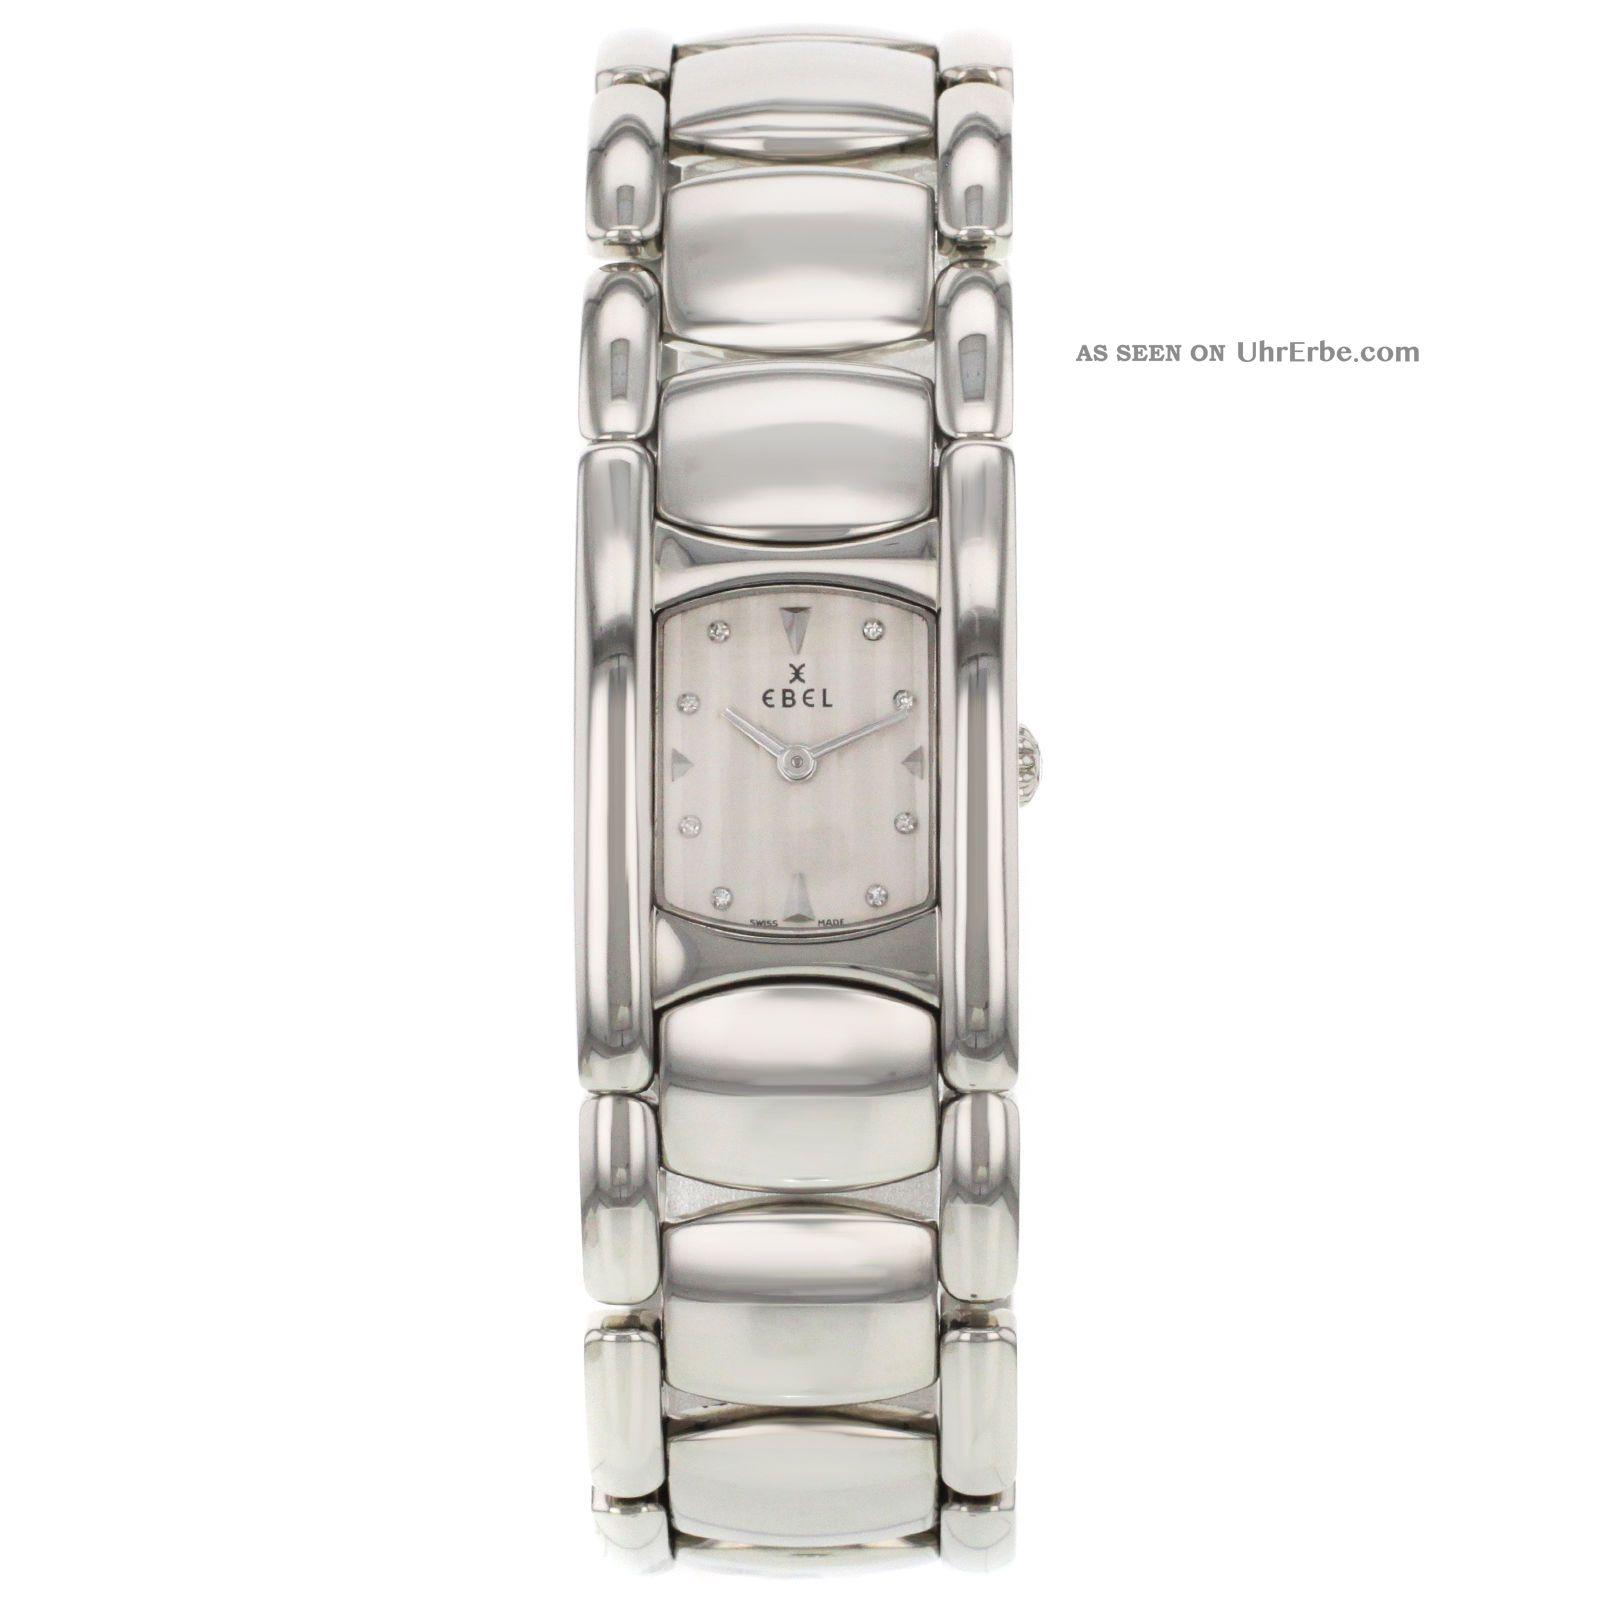 Ebel Beluga 9057a21 / 6750 Edelstahl - Quarz Damenuhr Armbanduhren Bild